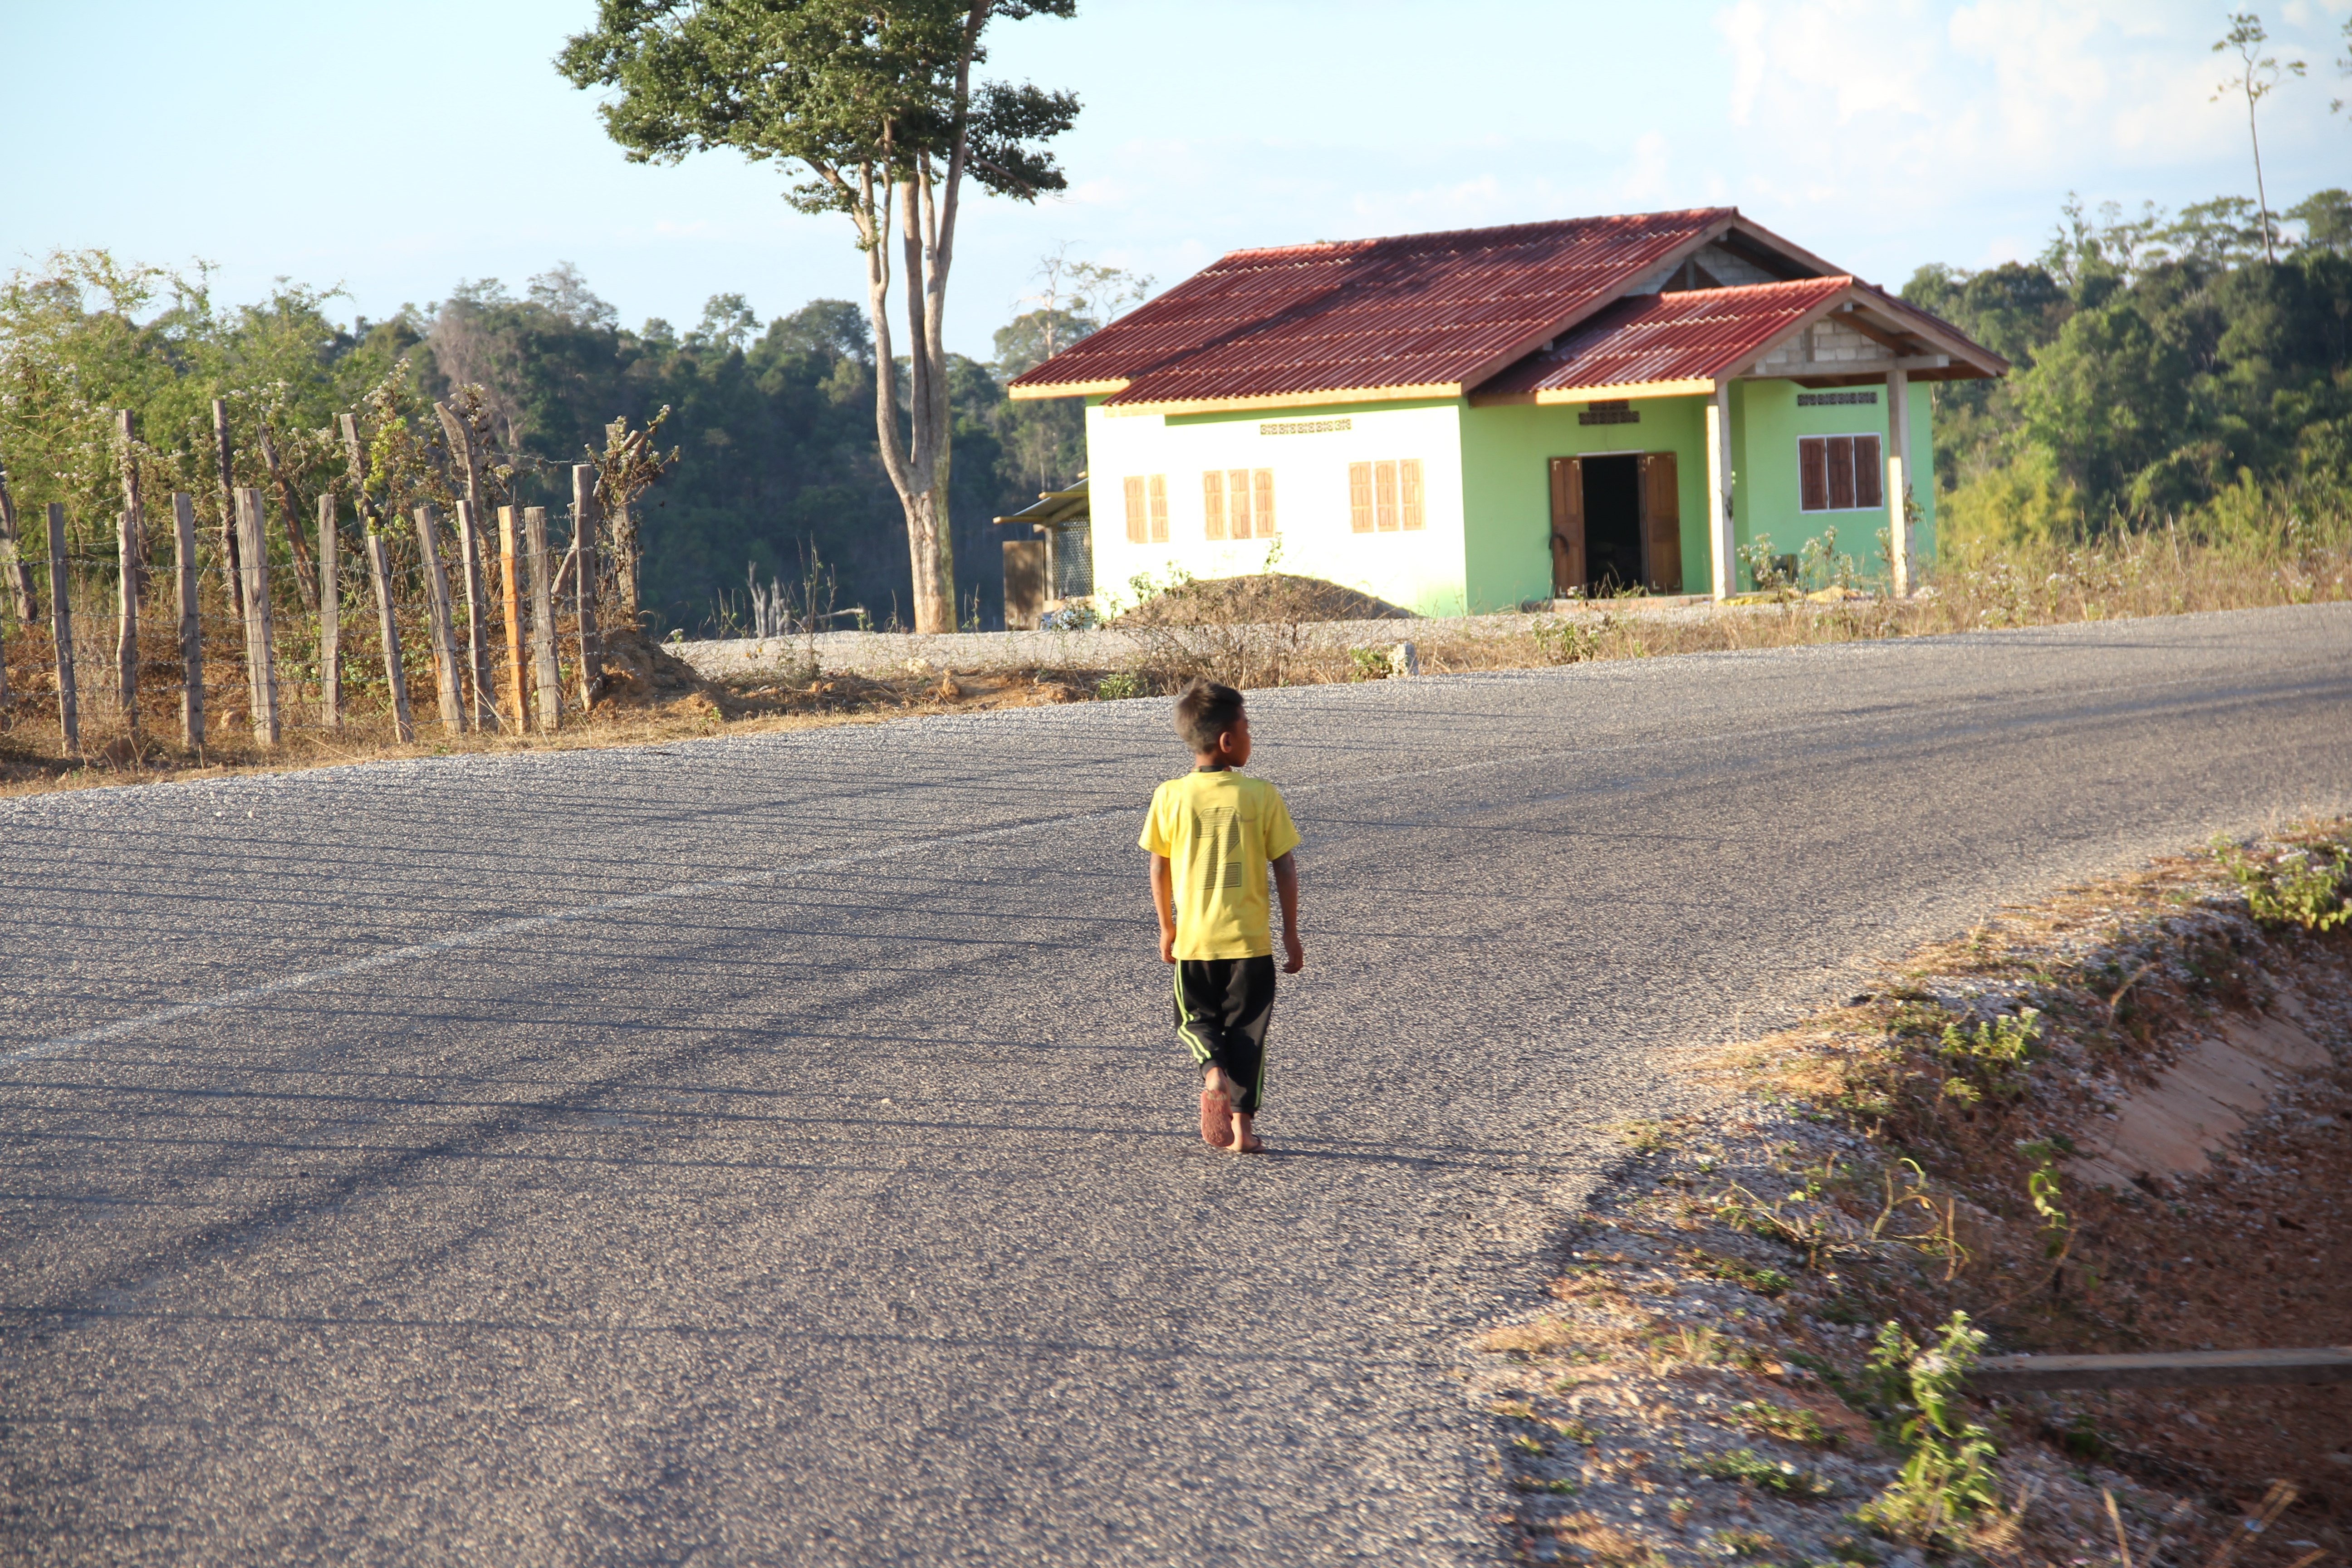 """On ne rencontre pas beaucoup d'habitants le long des routes mais parfois, les enfants nous lancent des """"Hello"""" ou des """"Sabaidee"""", en lao (© Aurélie Bacheley)."""